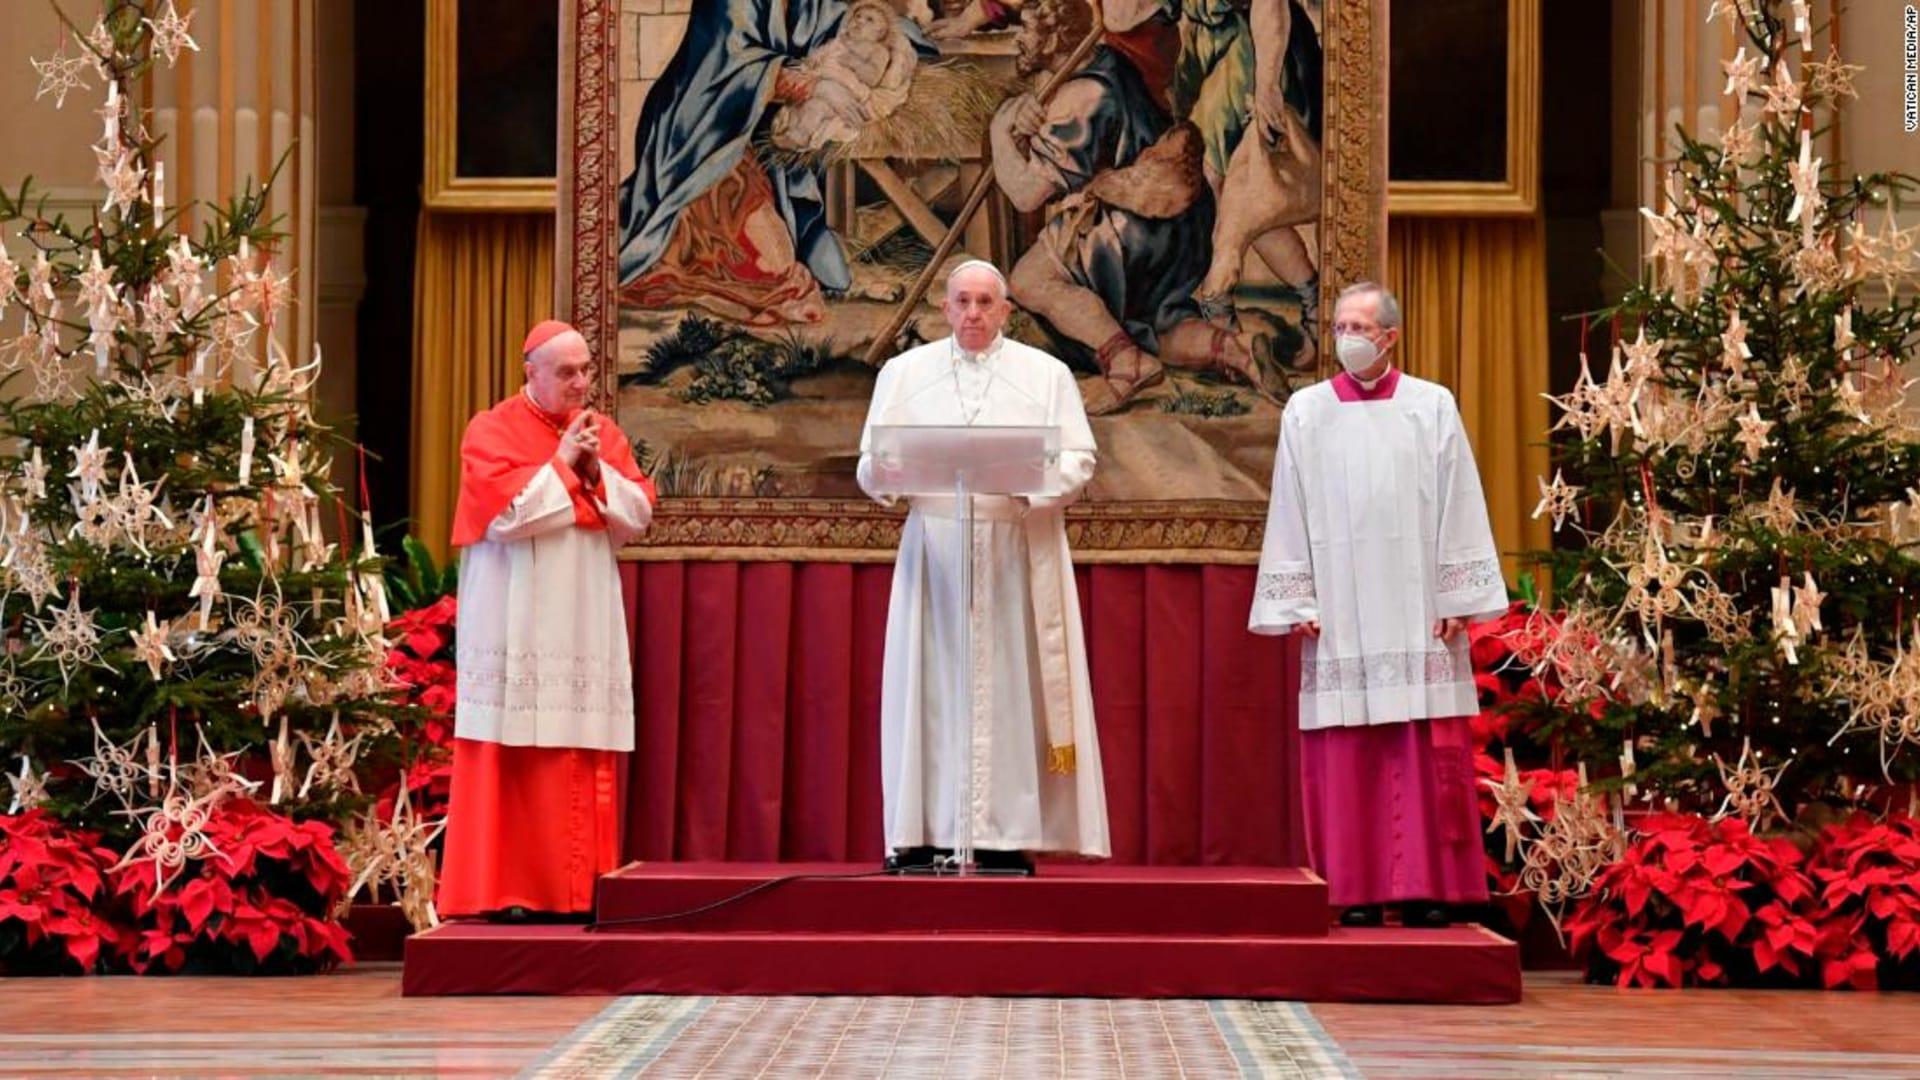 البابا فرنسيس يتلقى الجرعة الأولى من اللقاح ضد فيروس كورونا